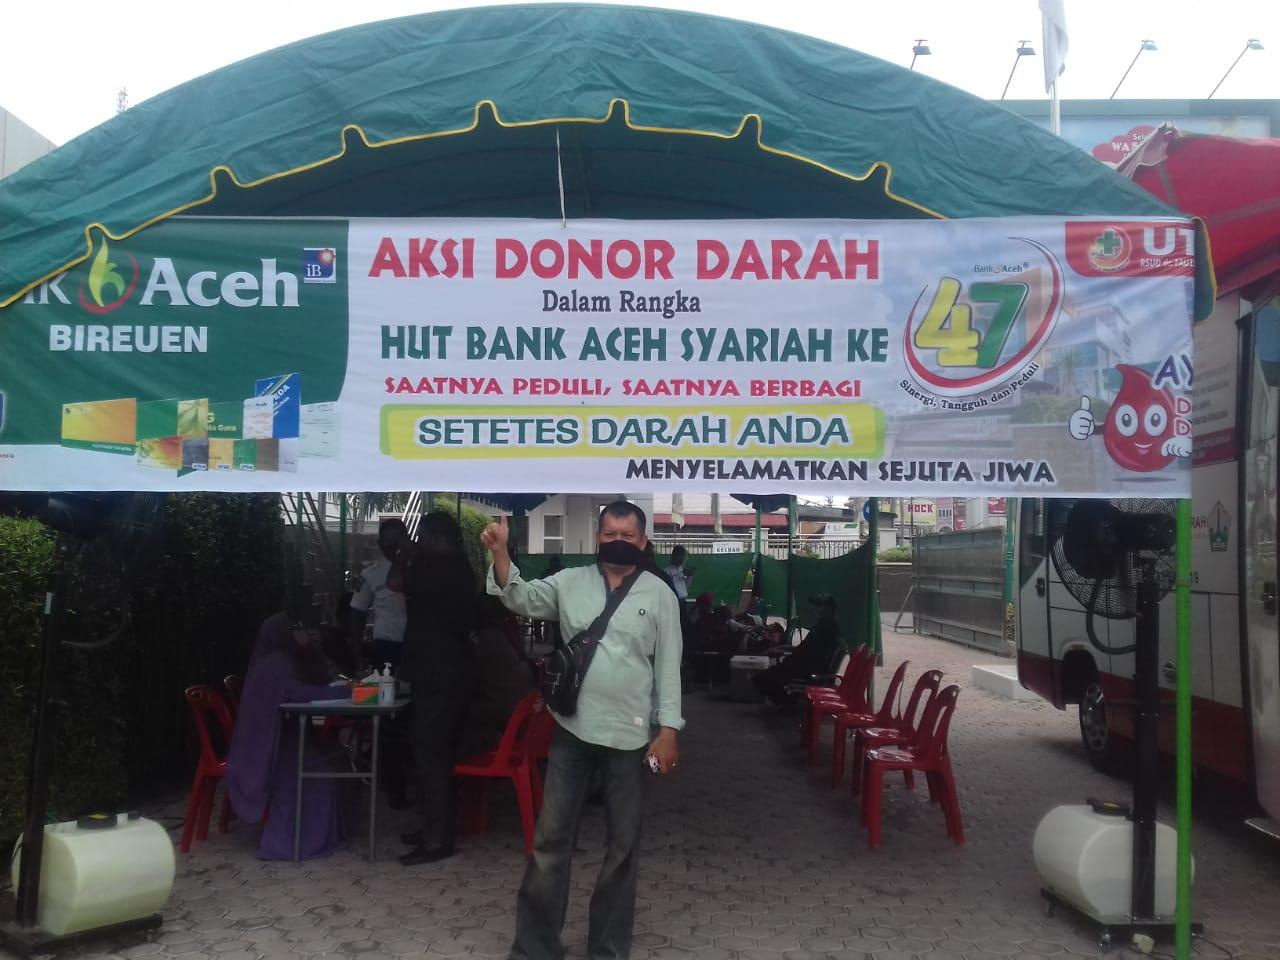 Peringati Hari Jadi Ke-47, Bank Aceh Syariah Bireuen Gelar Donor Darah